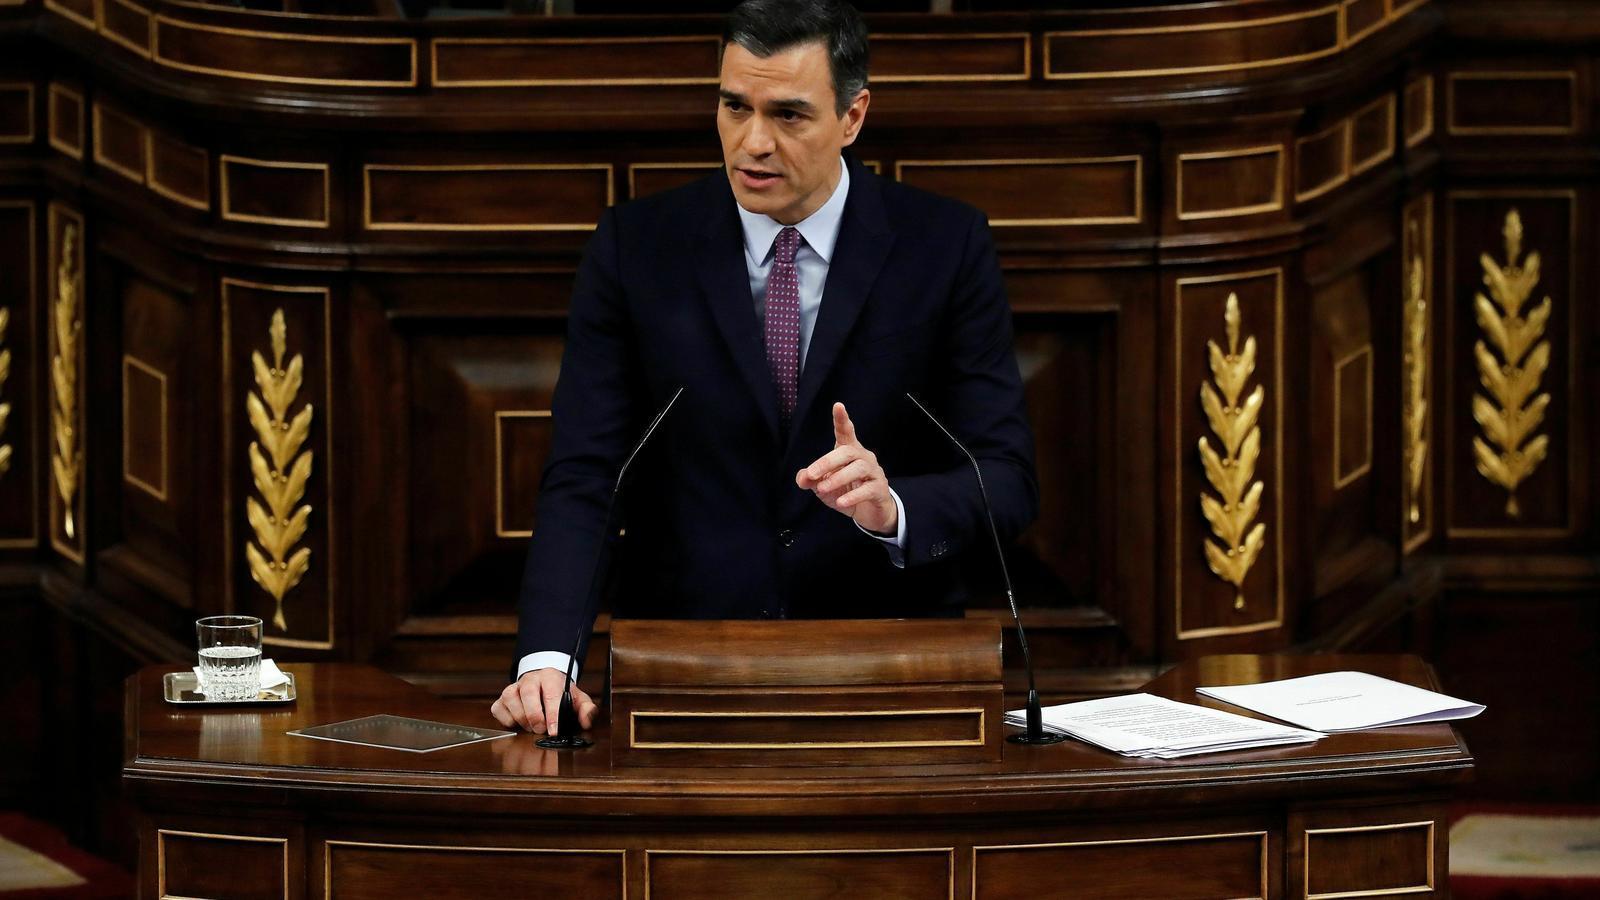 """Sánchez: """"Hem de deixar enrere la judicialització del conflicte. Necessitem recomençar"""""""